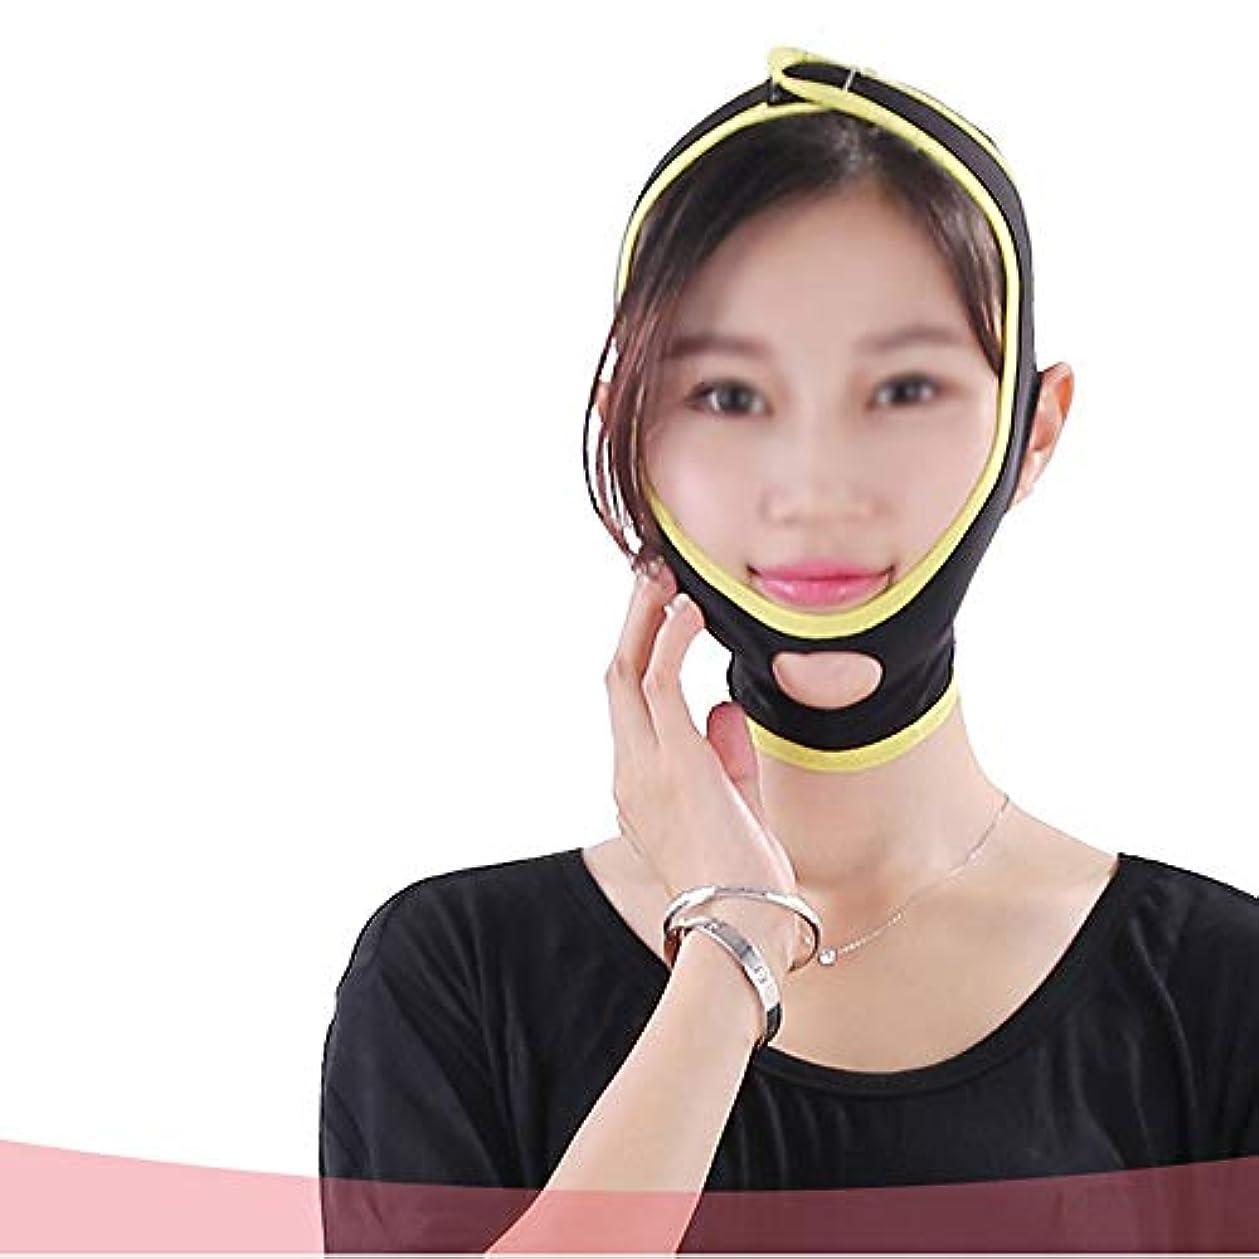 七面鳥まとめる急速なXHLMRMJ 通気性の睡眠のマスク、薄い顔の包帯の小さい表面Vの顔薄い顔の顔 (Color : M)